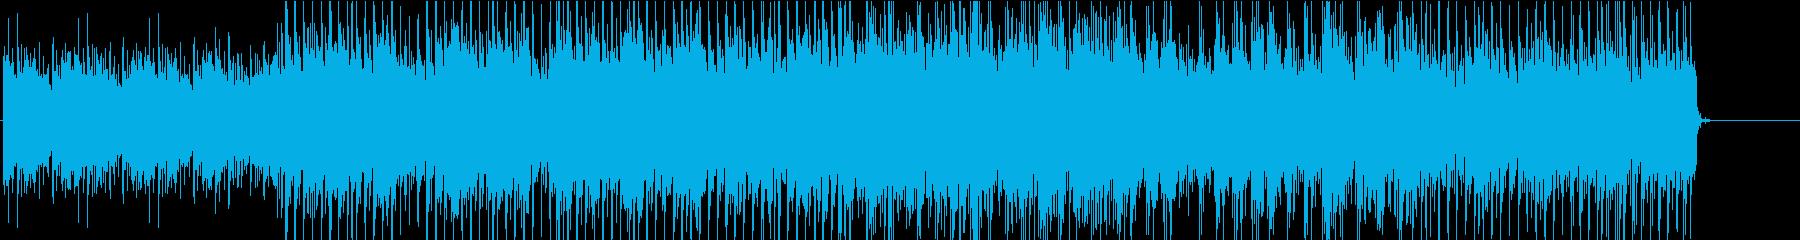 慌ただしい 追跡 スピード スリル 都会の再生済みの波形